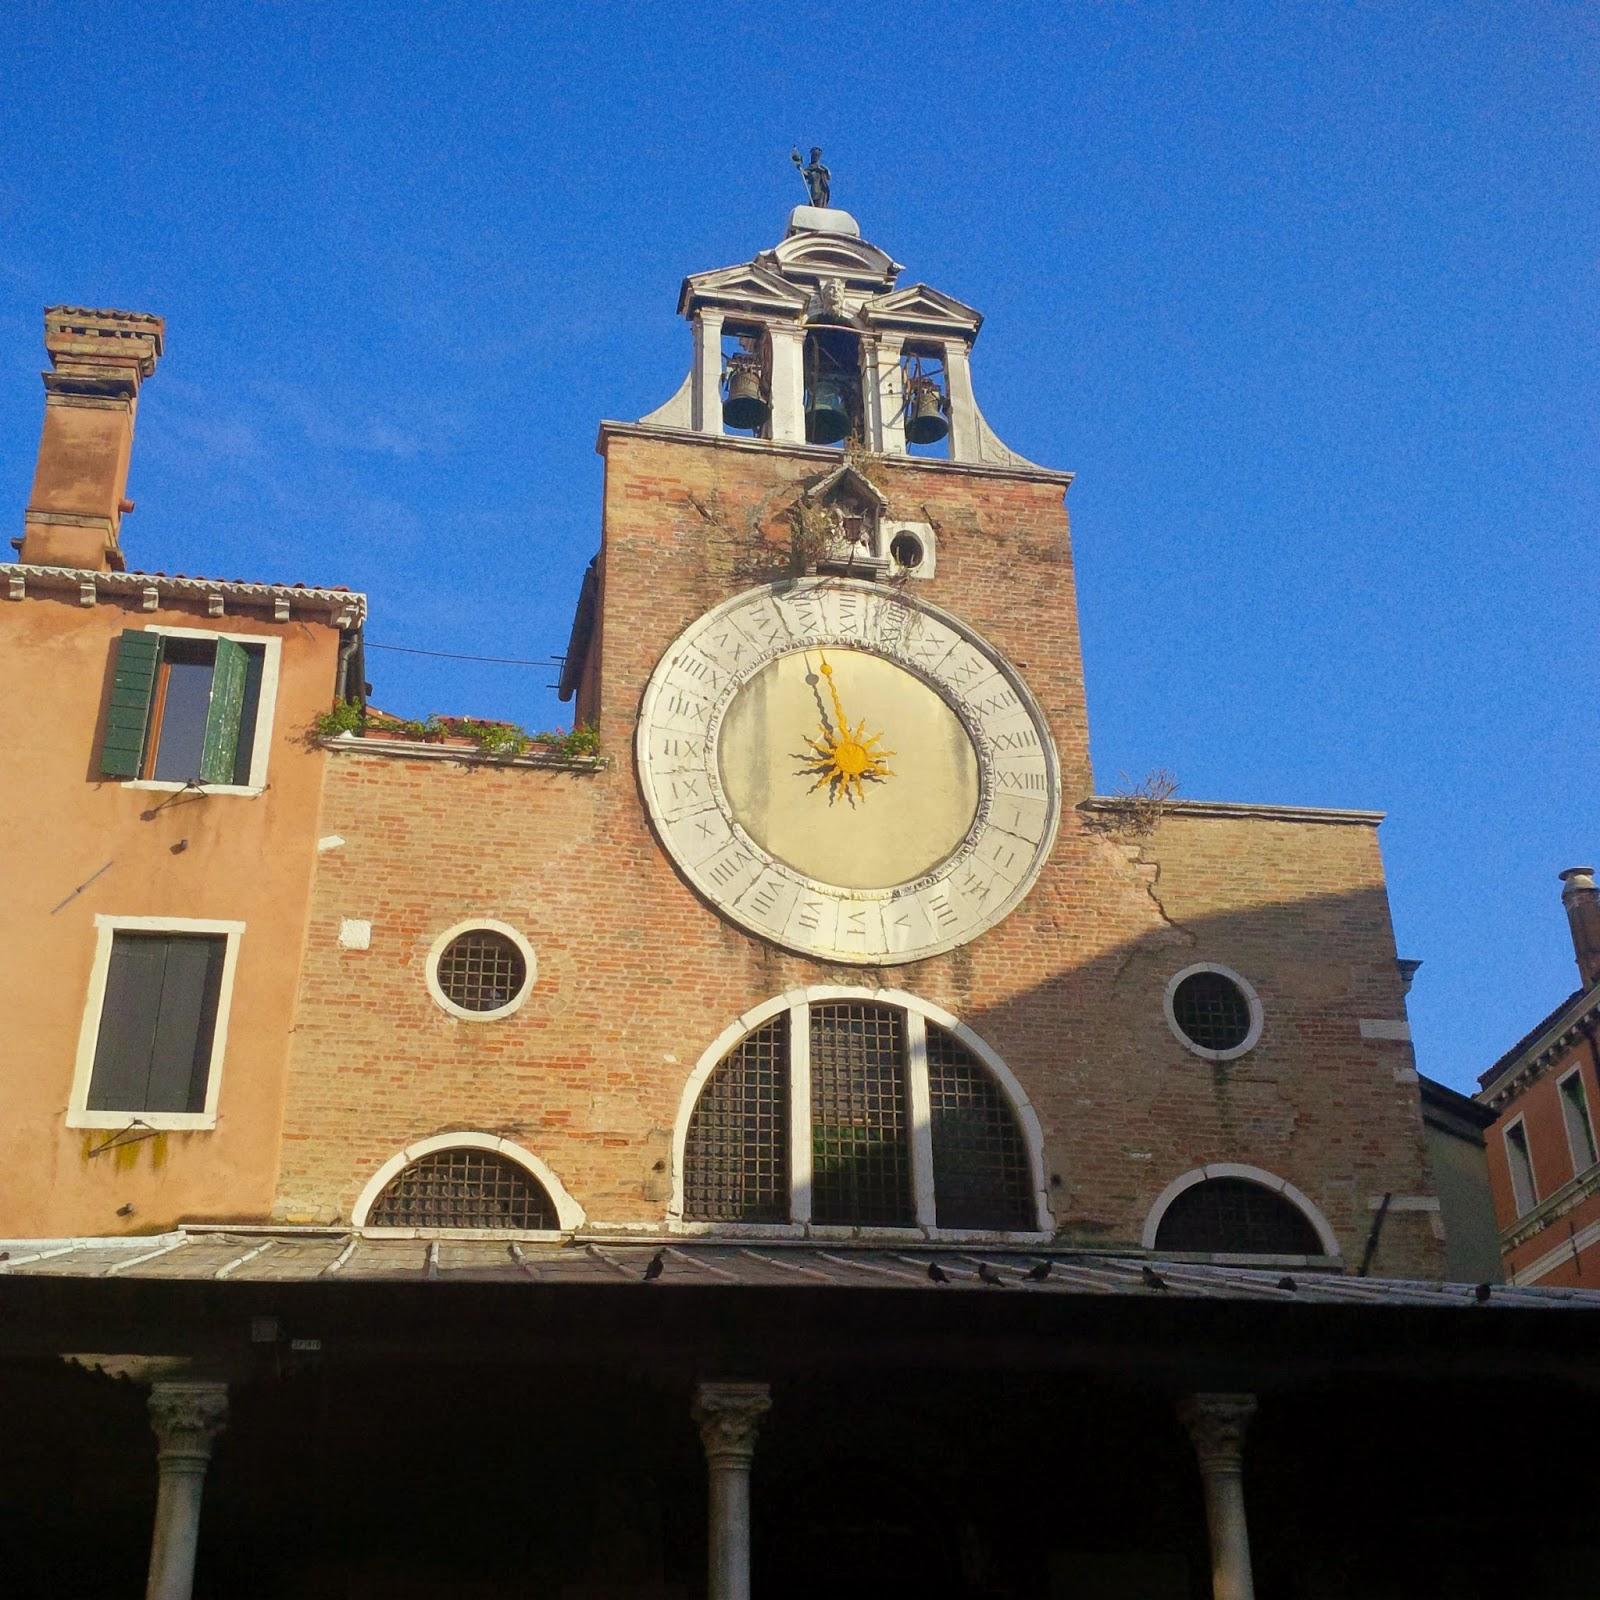 A clock in Venice